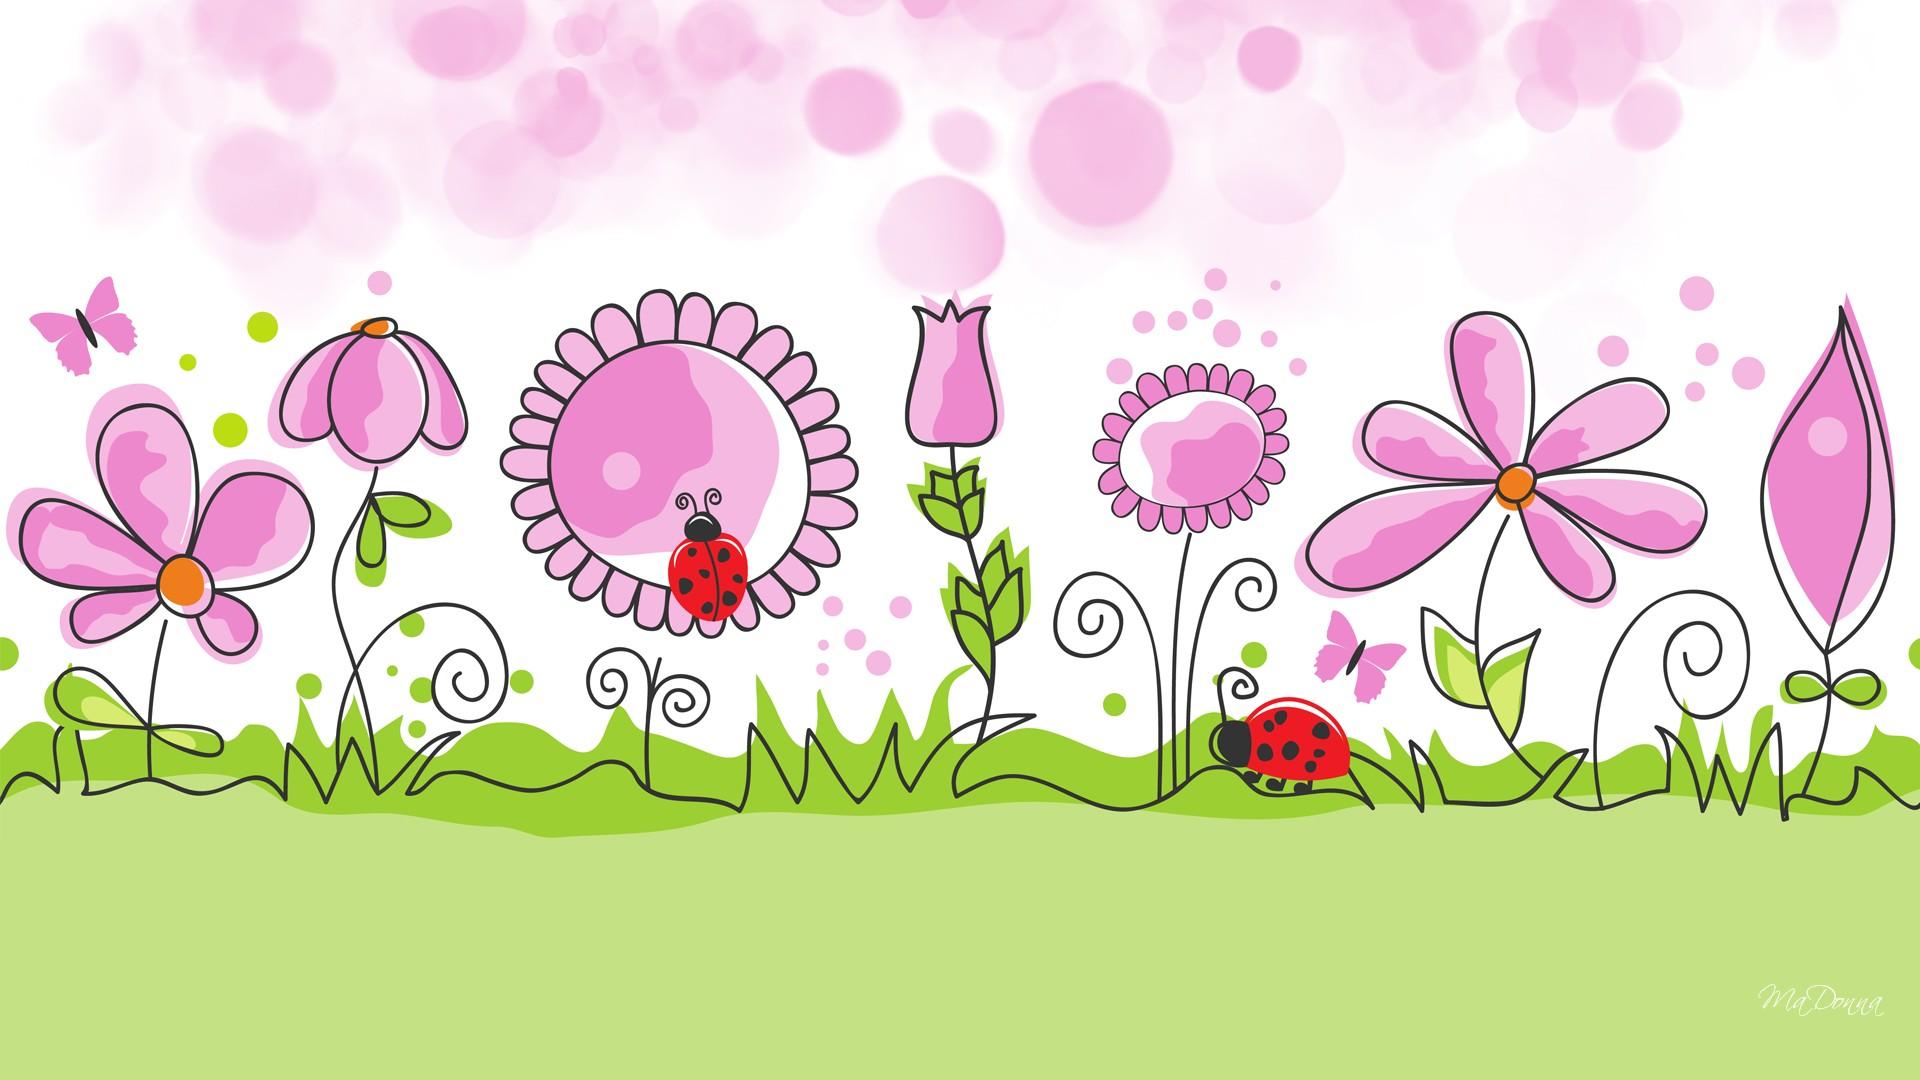 A Cute Puppy Wallpaper Flower Garden Spring Vector Wallpaper 1920x1080 176832